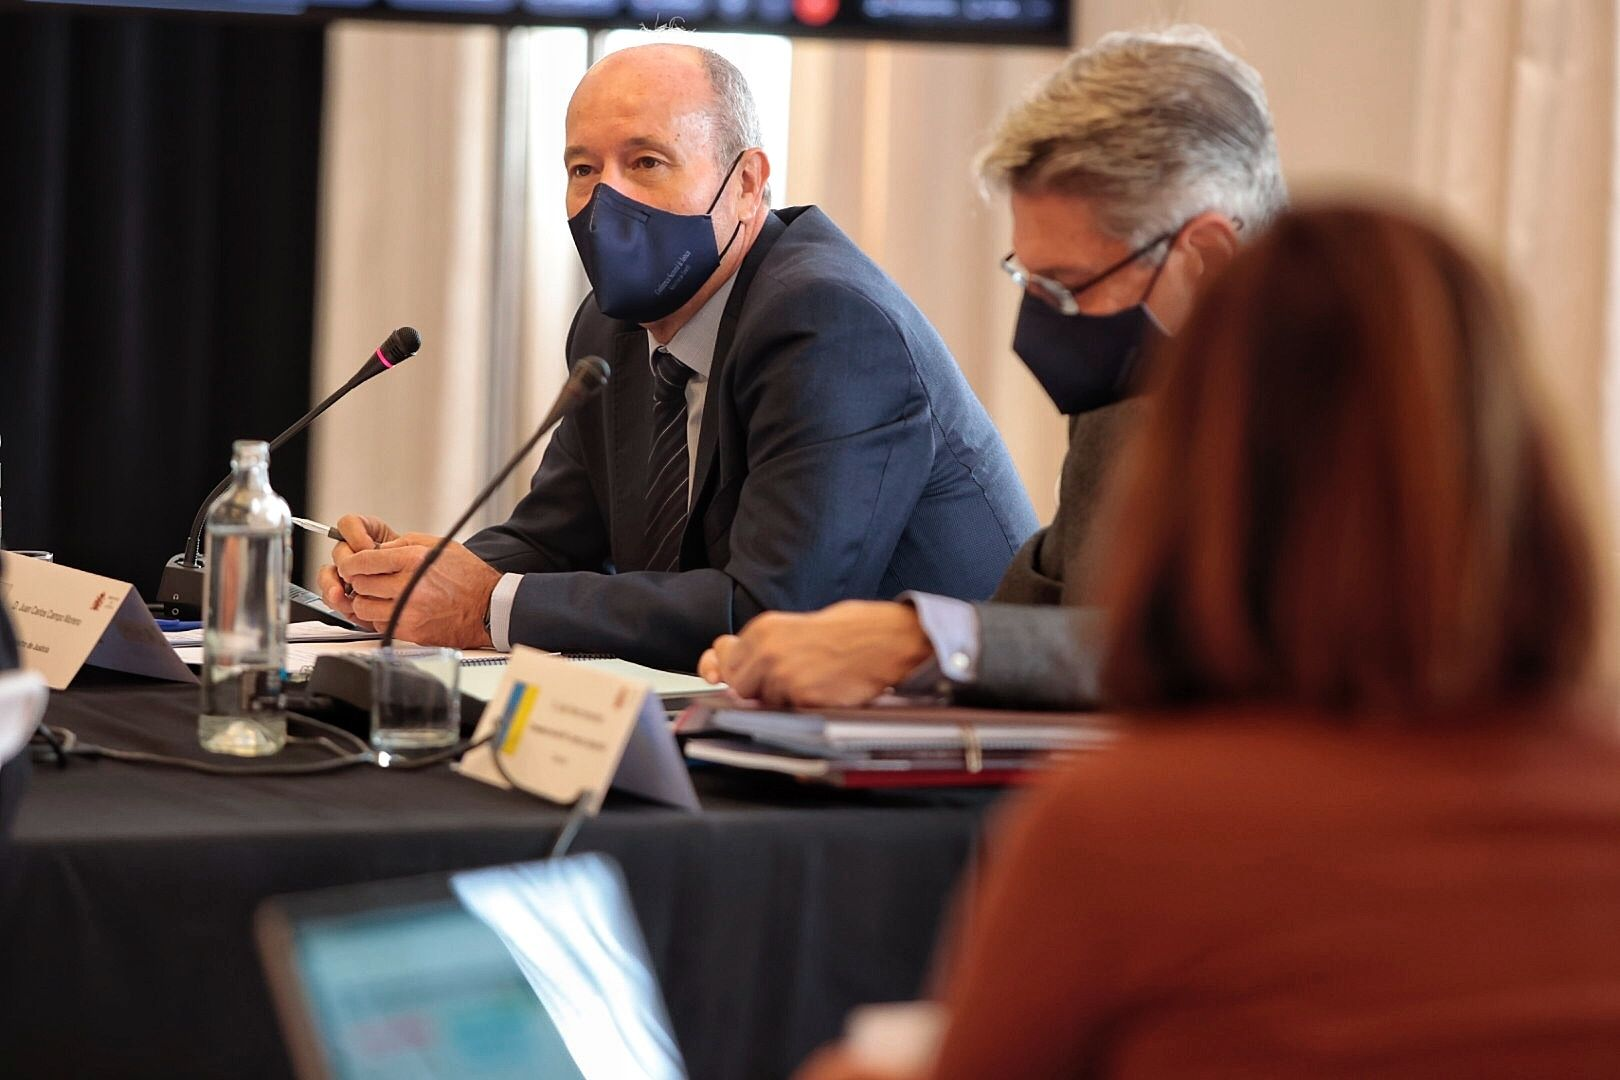 El ministro de Justicia, Juan Carlos Campo, en la reunión de la Conferencia Sectorial de Justicia